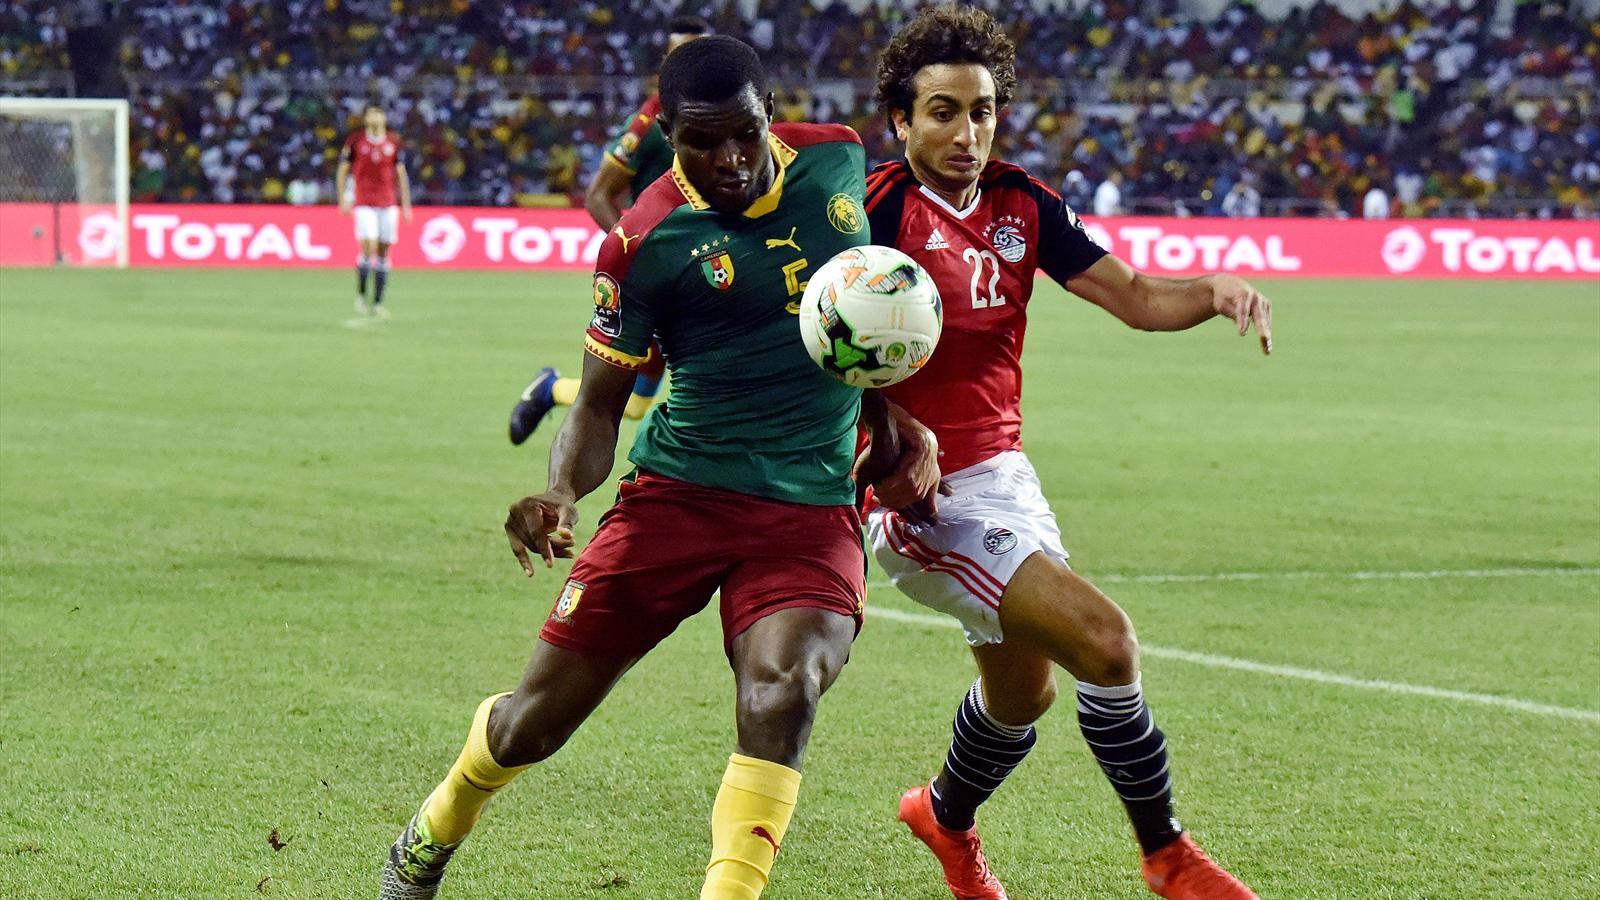 En direct live egypte cameroun coupe d 39 afrique des nations 5 f vrier 2017 eurosport - Regarder coupe d afrique en direct ...